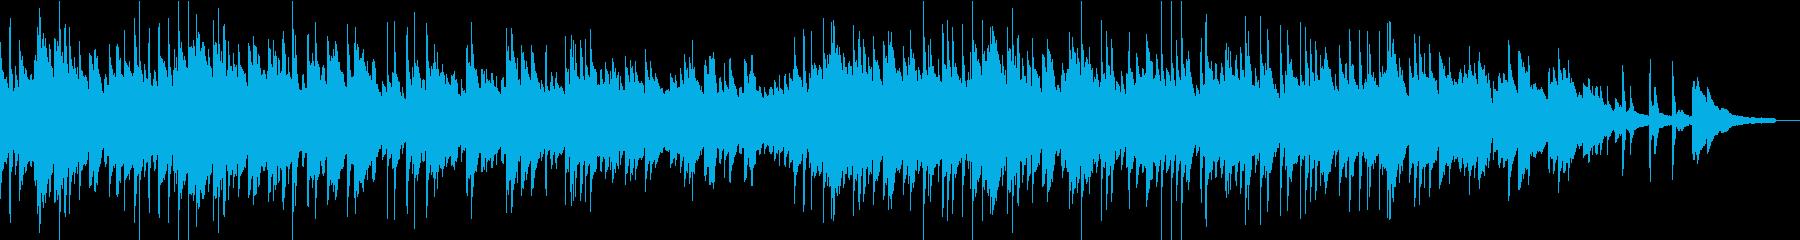 切ないメロディックなピアノソロの再生済みの波形